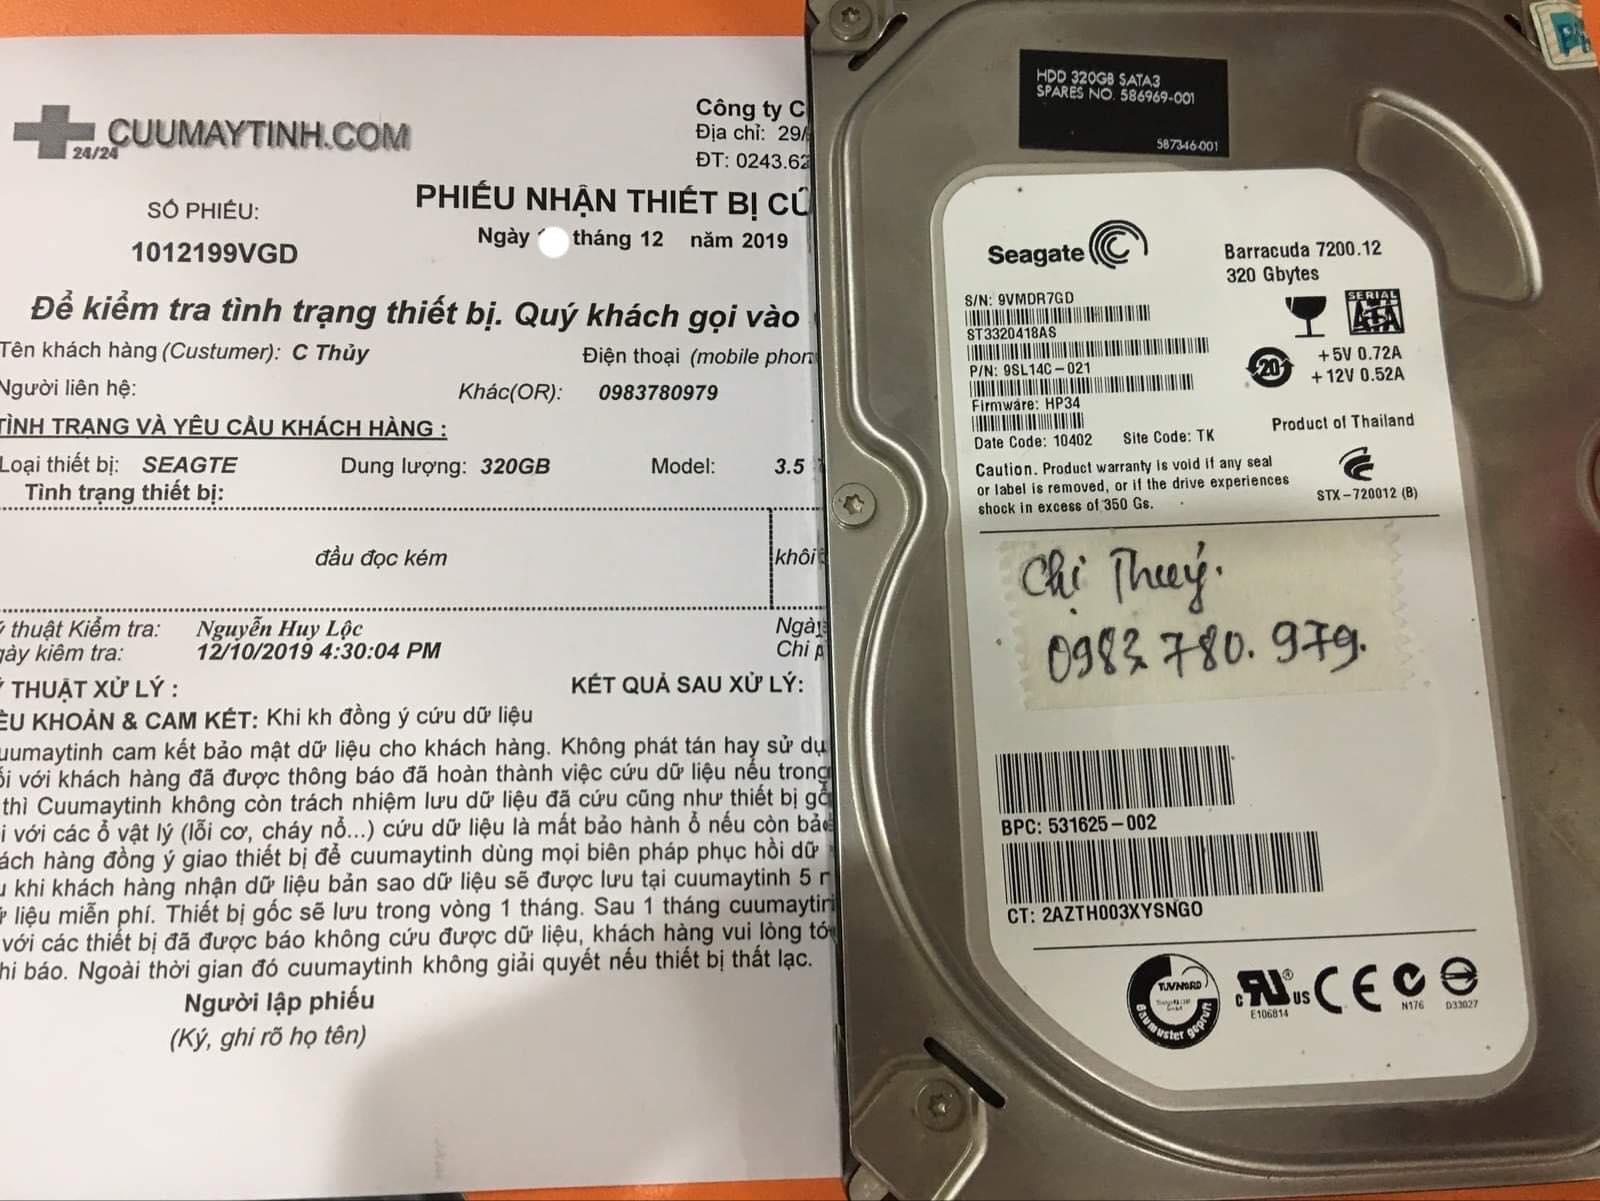 Phục hồi dữ liệu ổ cứng Seagate 320GB đầu đọc kém 13/12/2019 - cuumaytinh